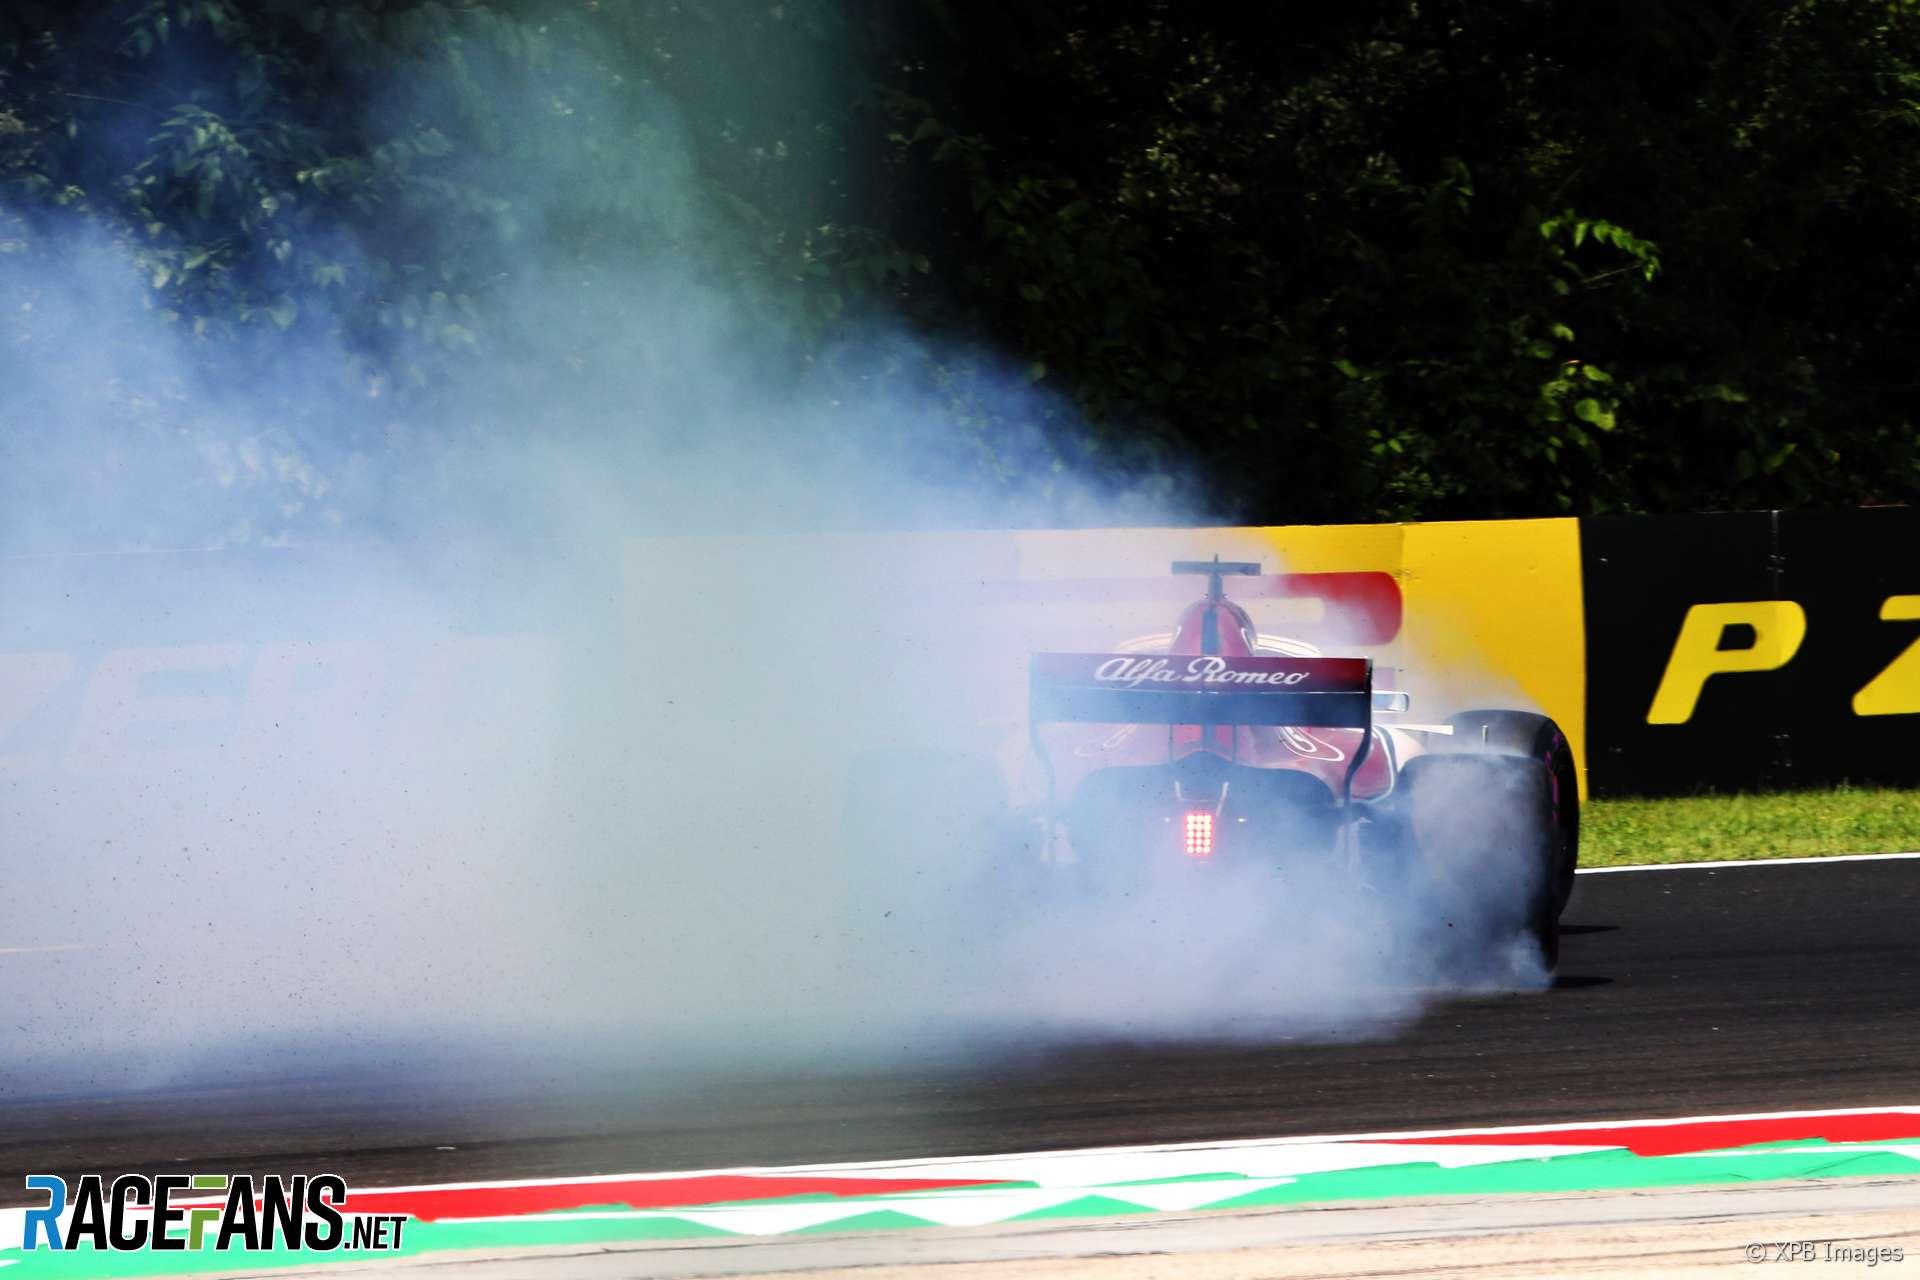 Marcus Ericsson, Sauber, Hungaroring, 2018